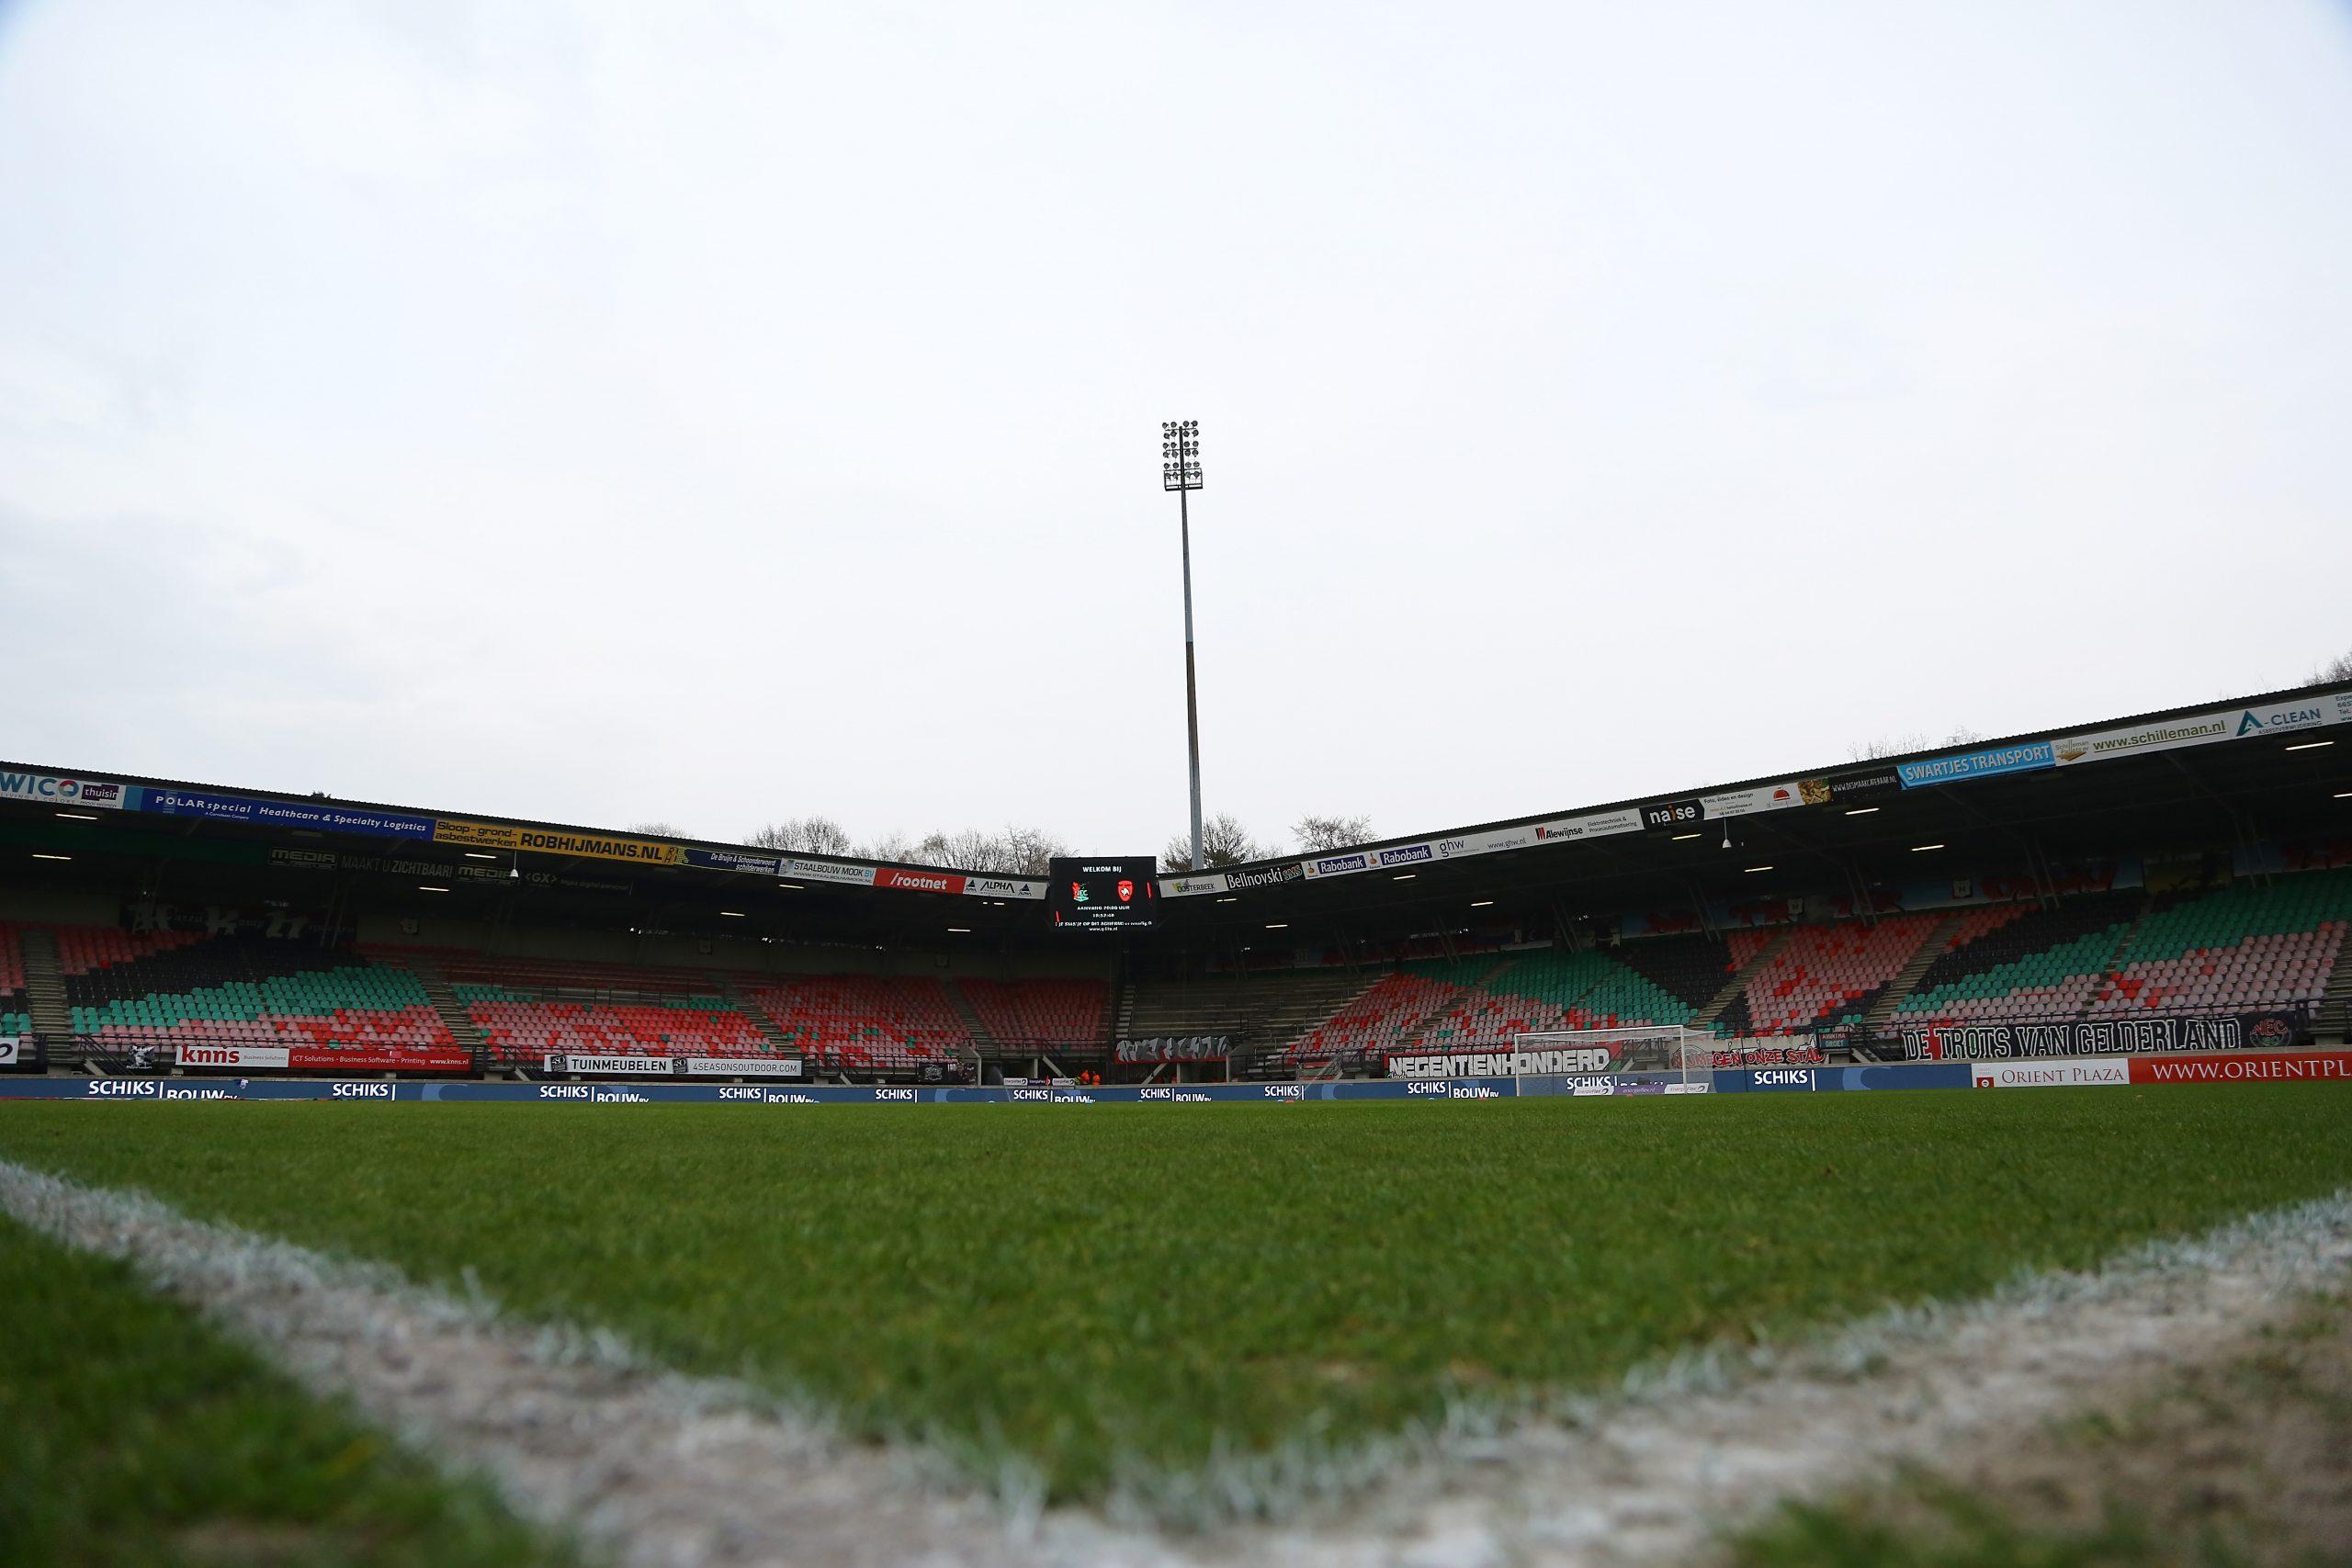 NEC definitief in lege Goffert tegen FC Groningen en SC Heerenveen